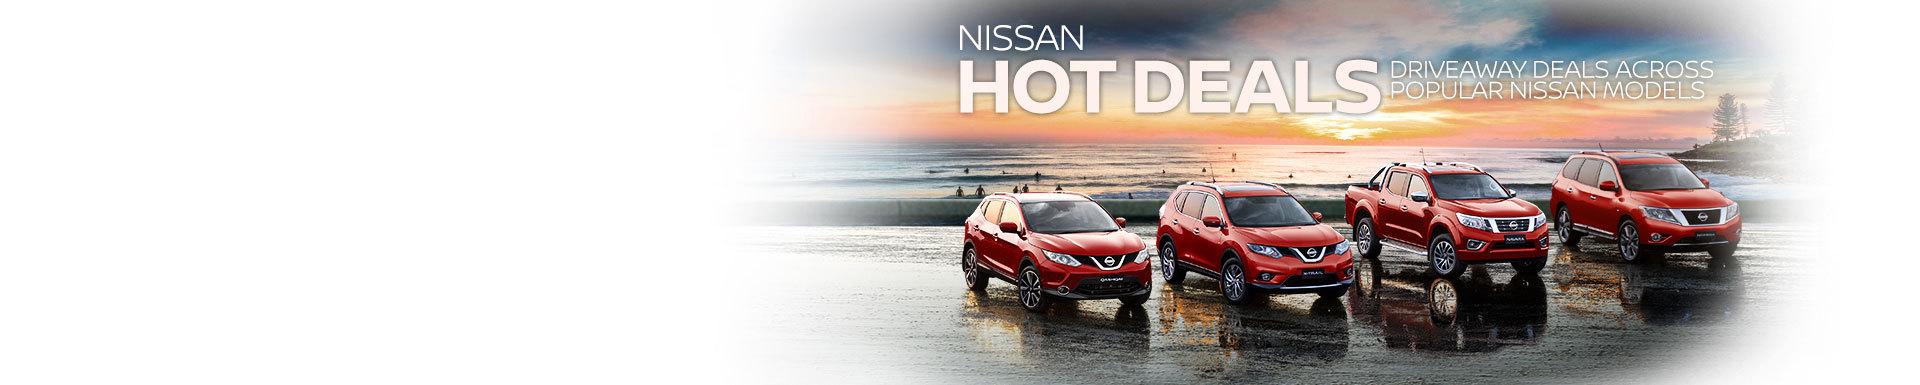 Nissan National Offer - Hot Deals